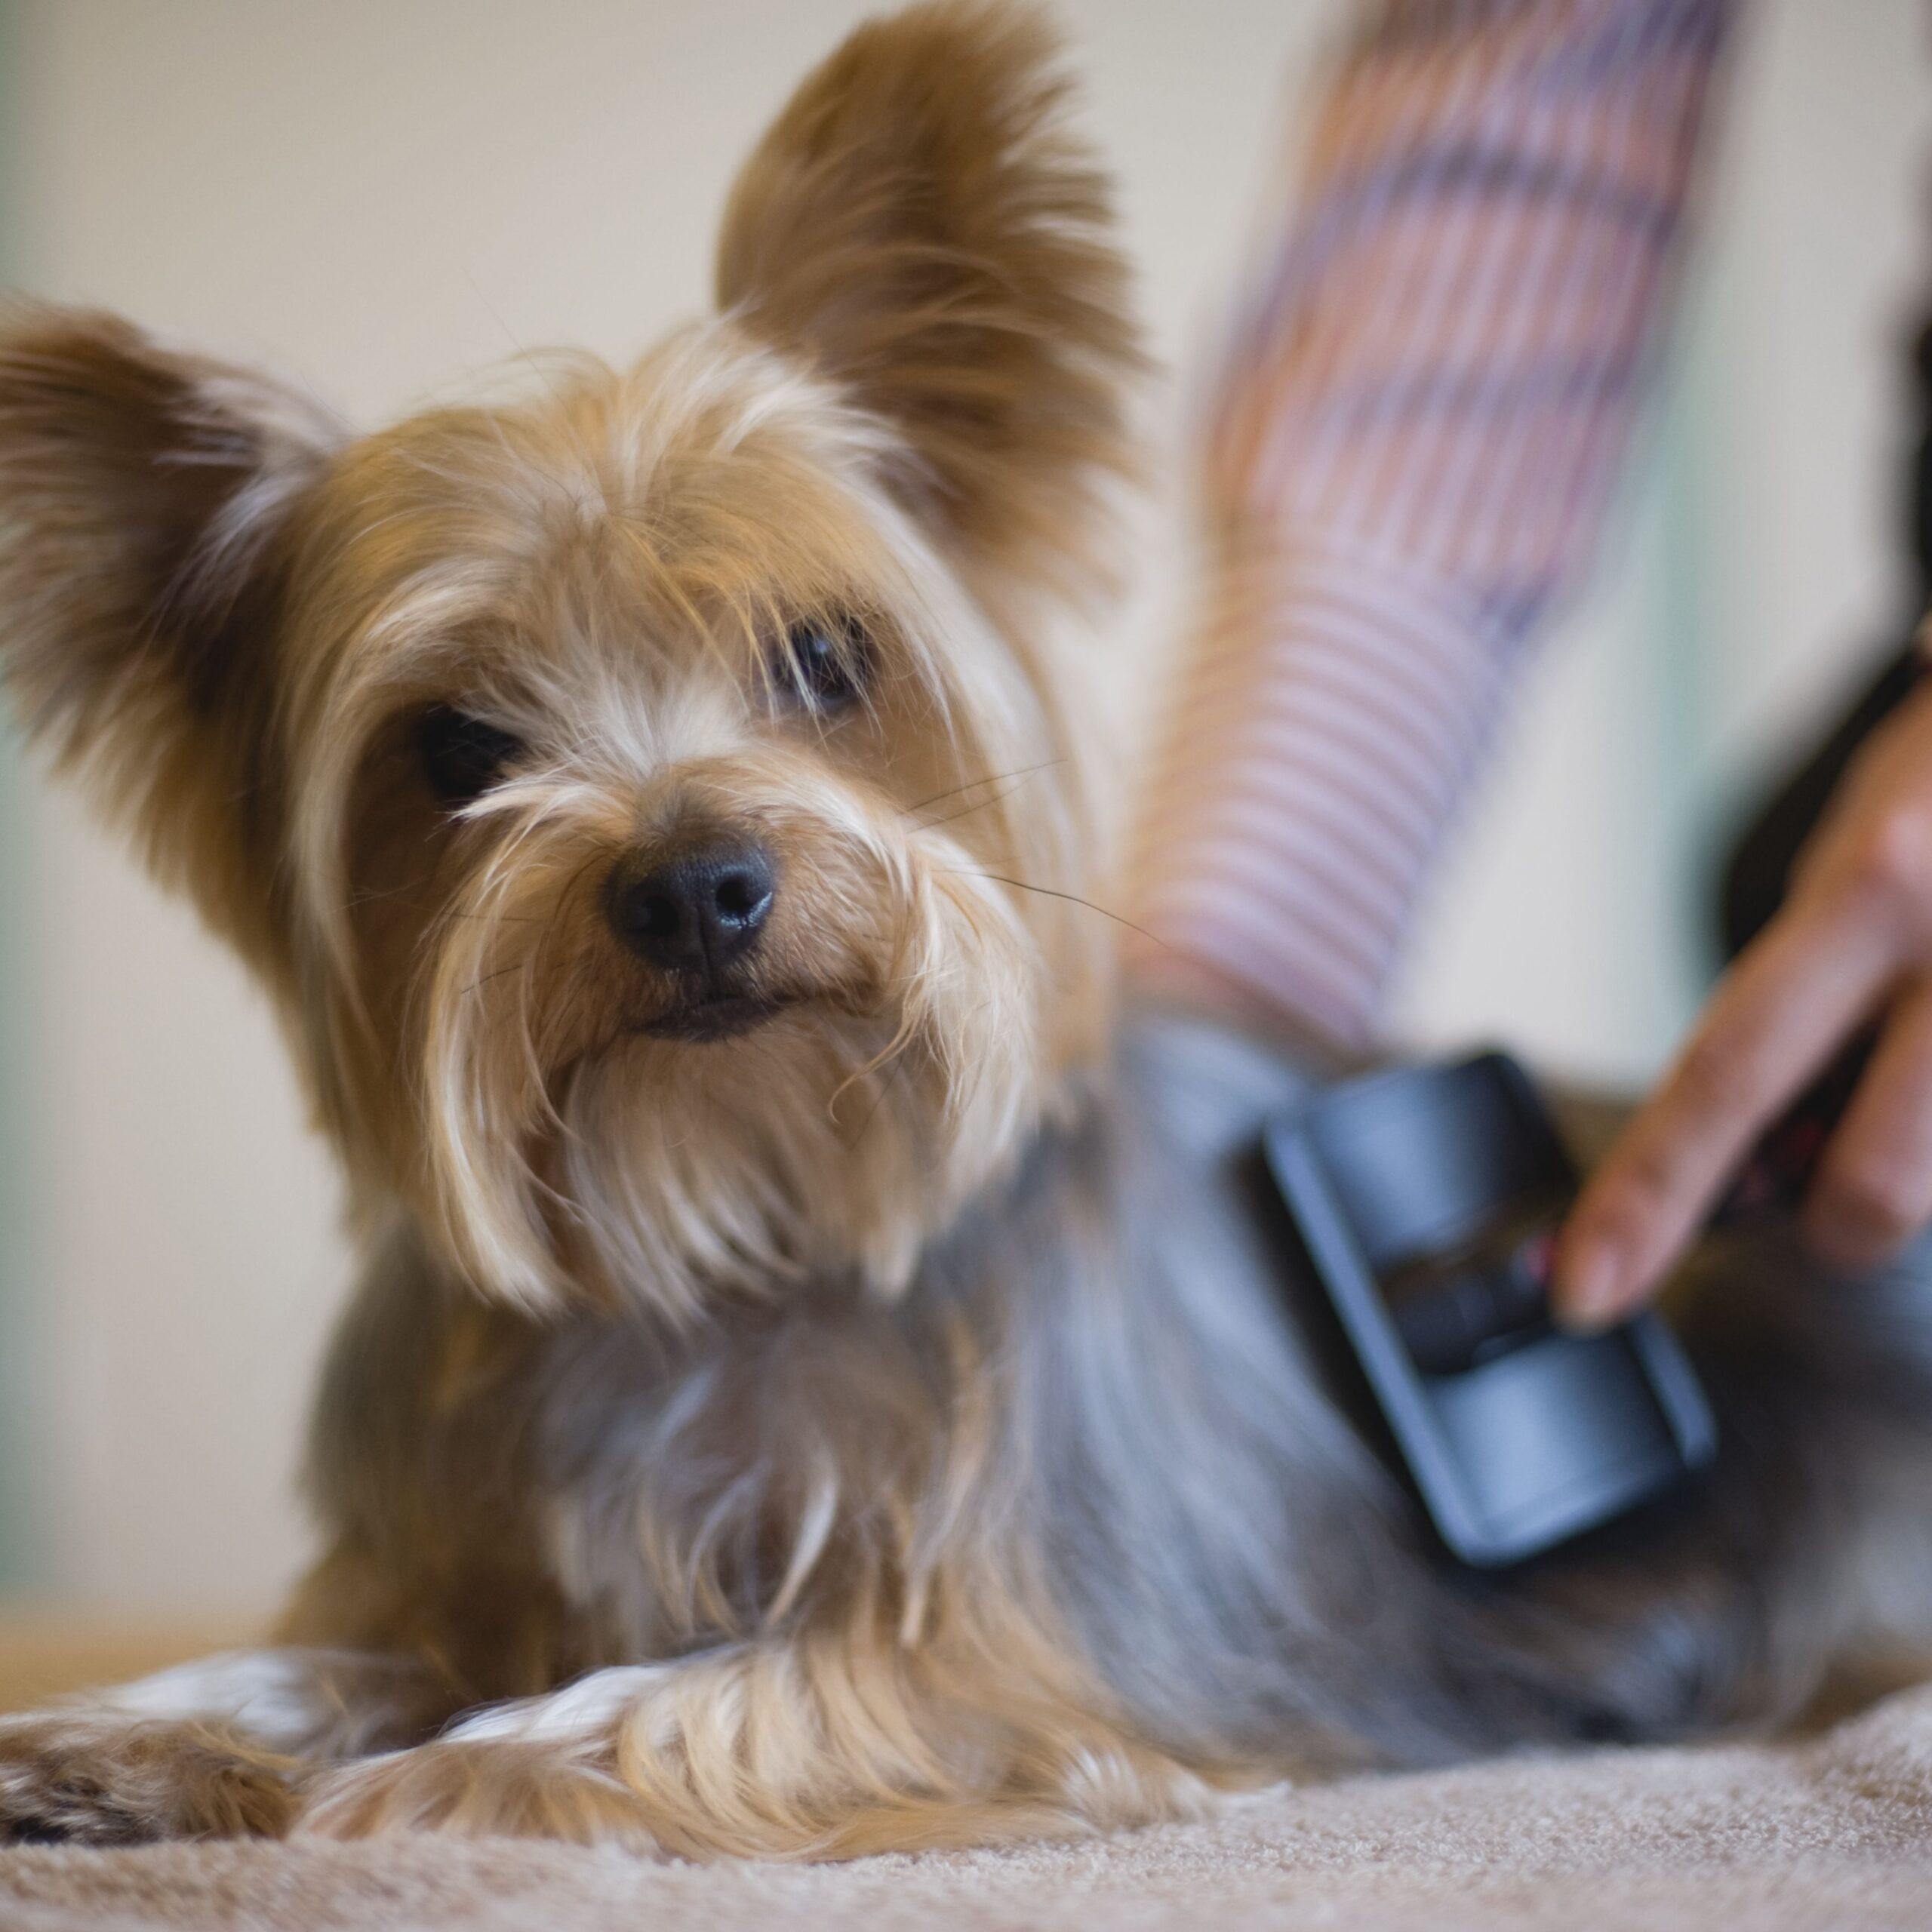 Dog Hair Problems